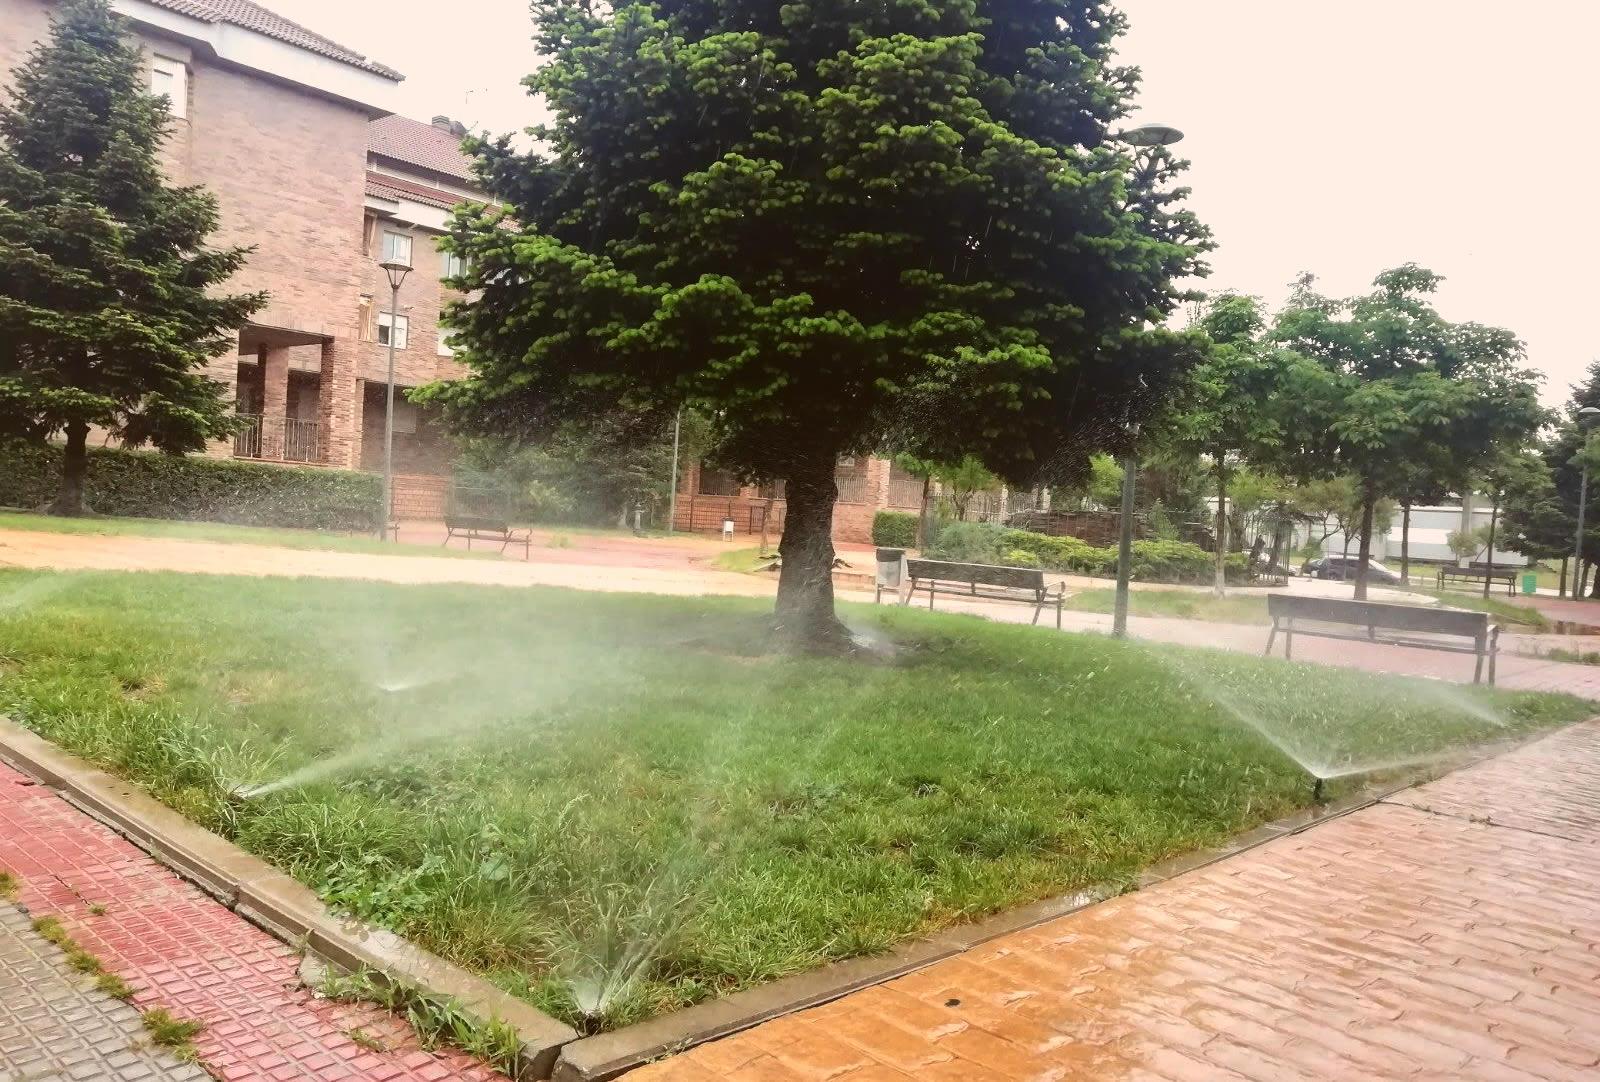 Mantenimiento de sistemas de riego en jardines y comunidades de vecinos